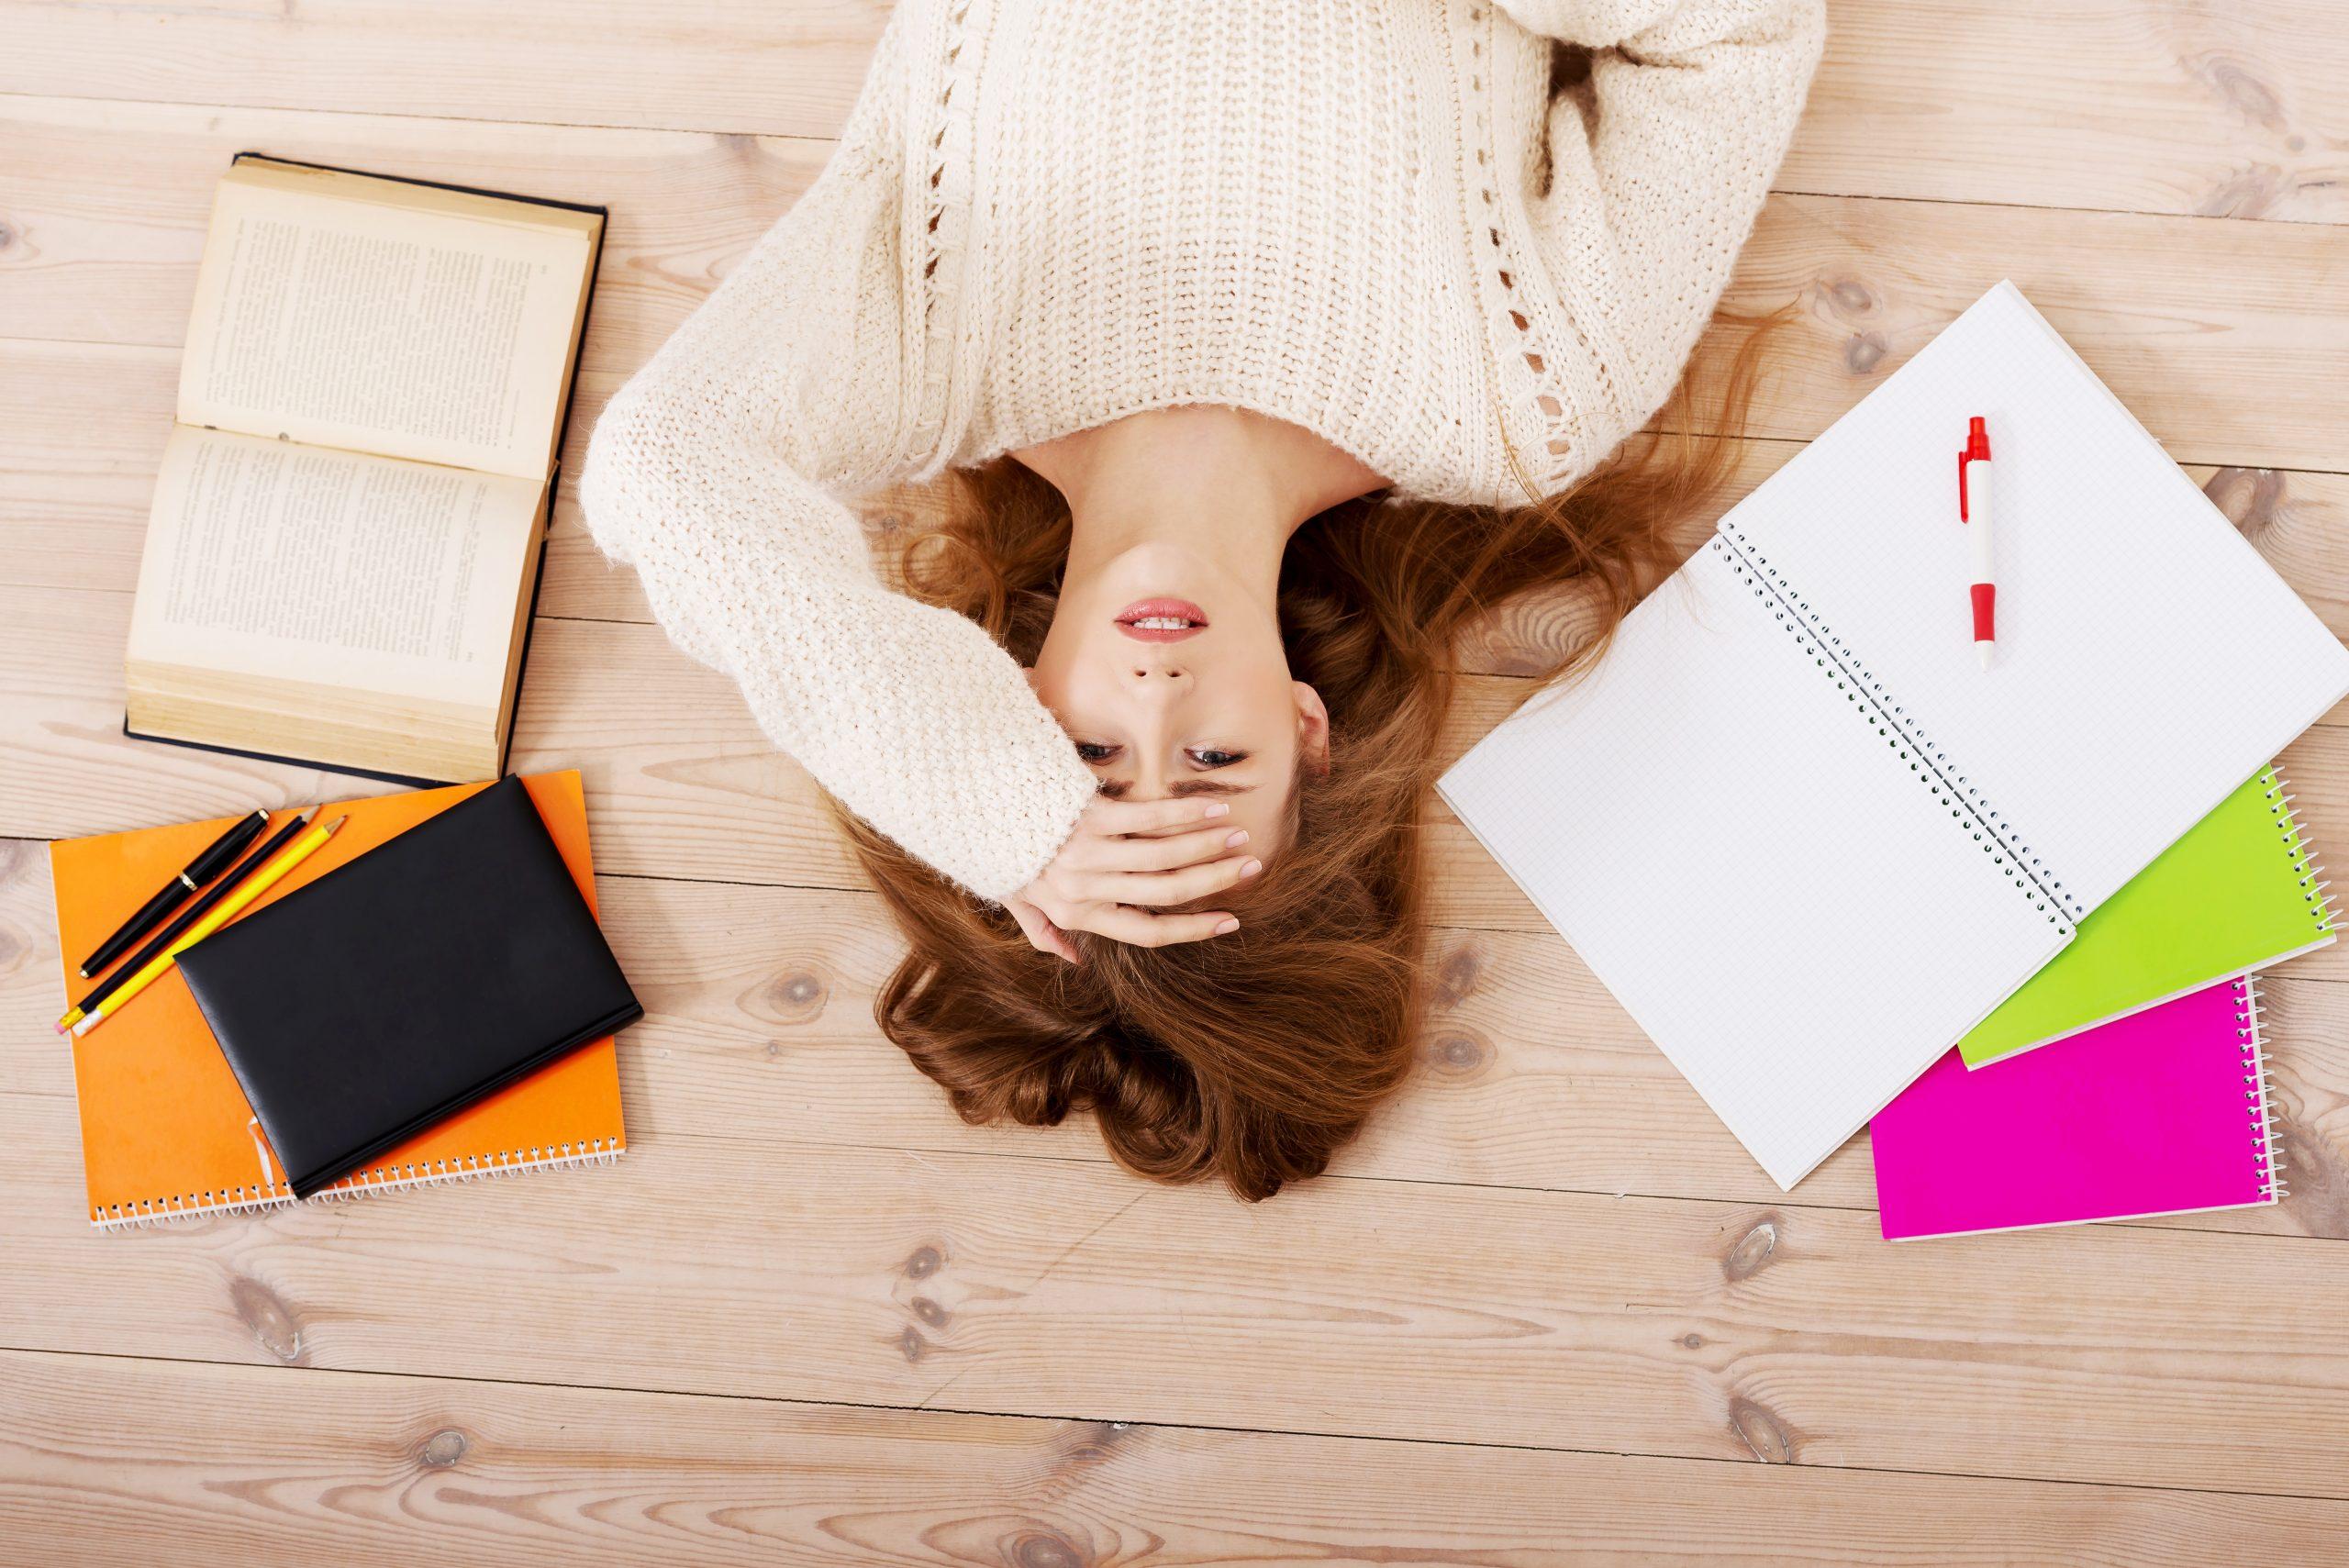 Cómo combatir el estrés? - CinfaSalud